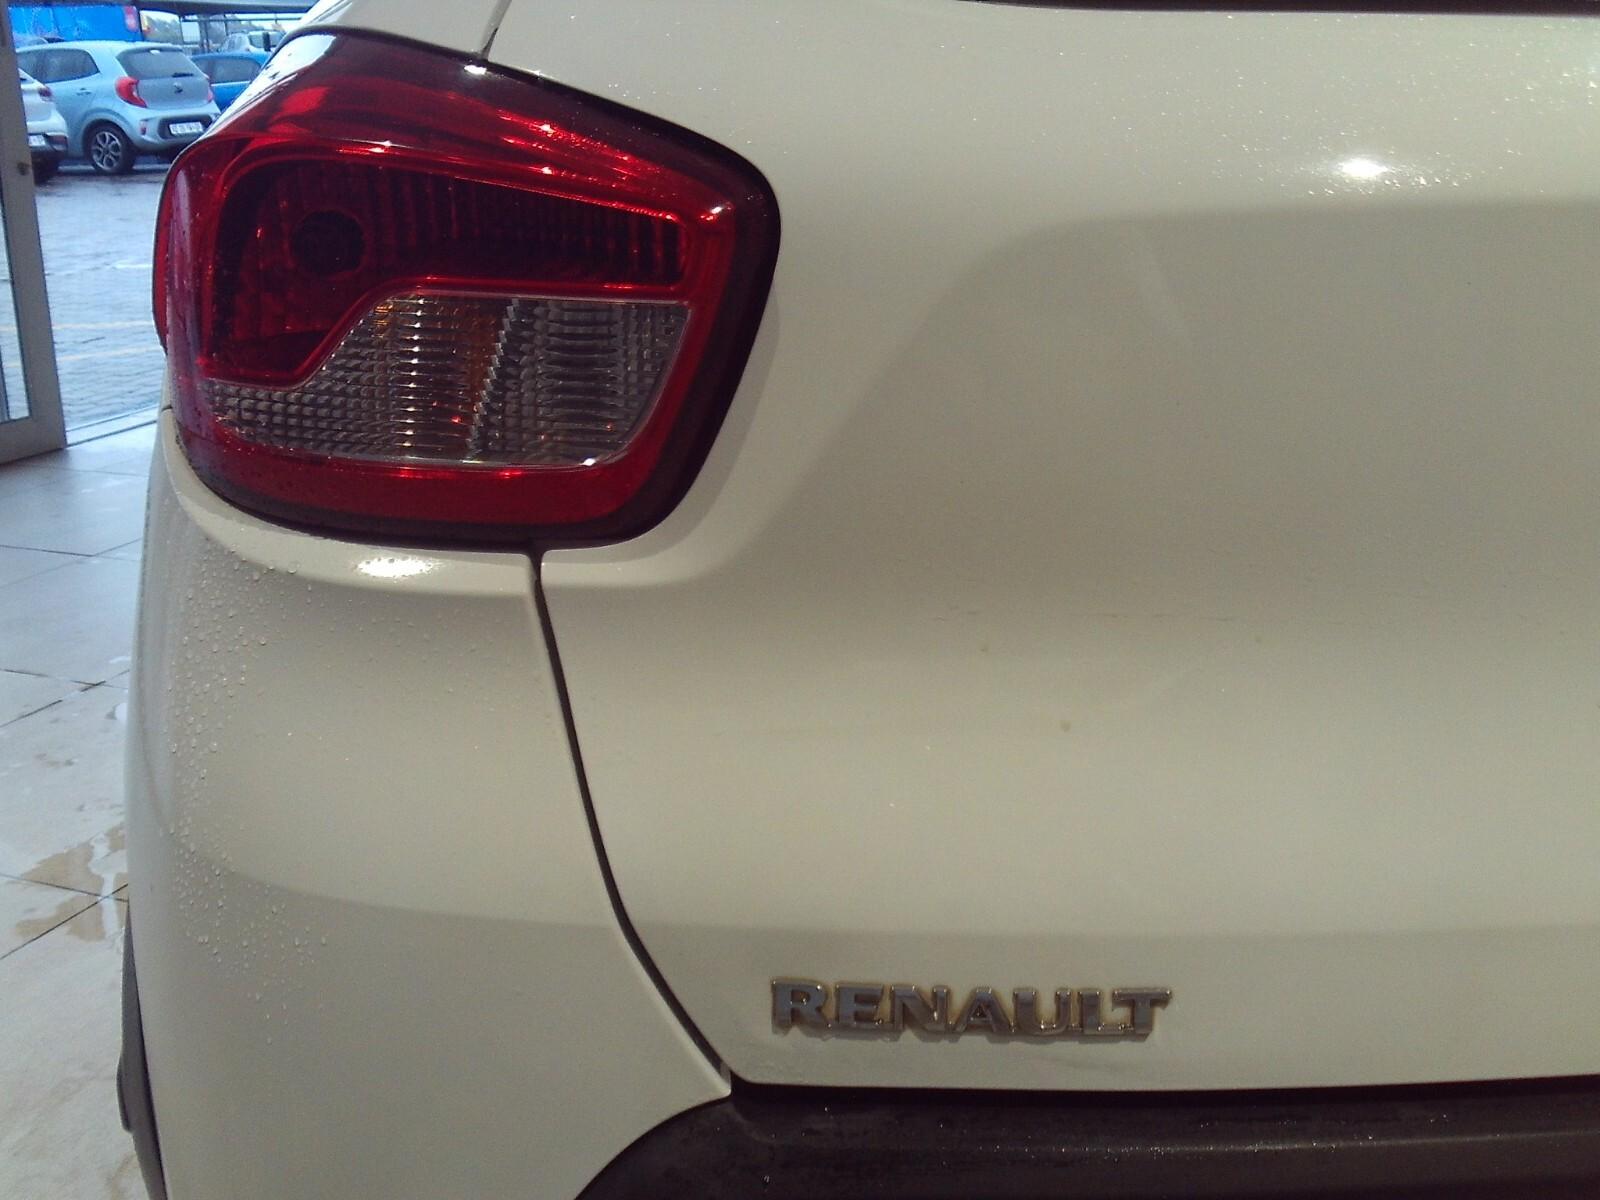 RENAULT 1.0 EXPRESSION 5DR Roodepoort 3326699